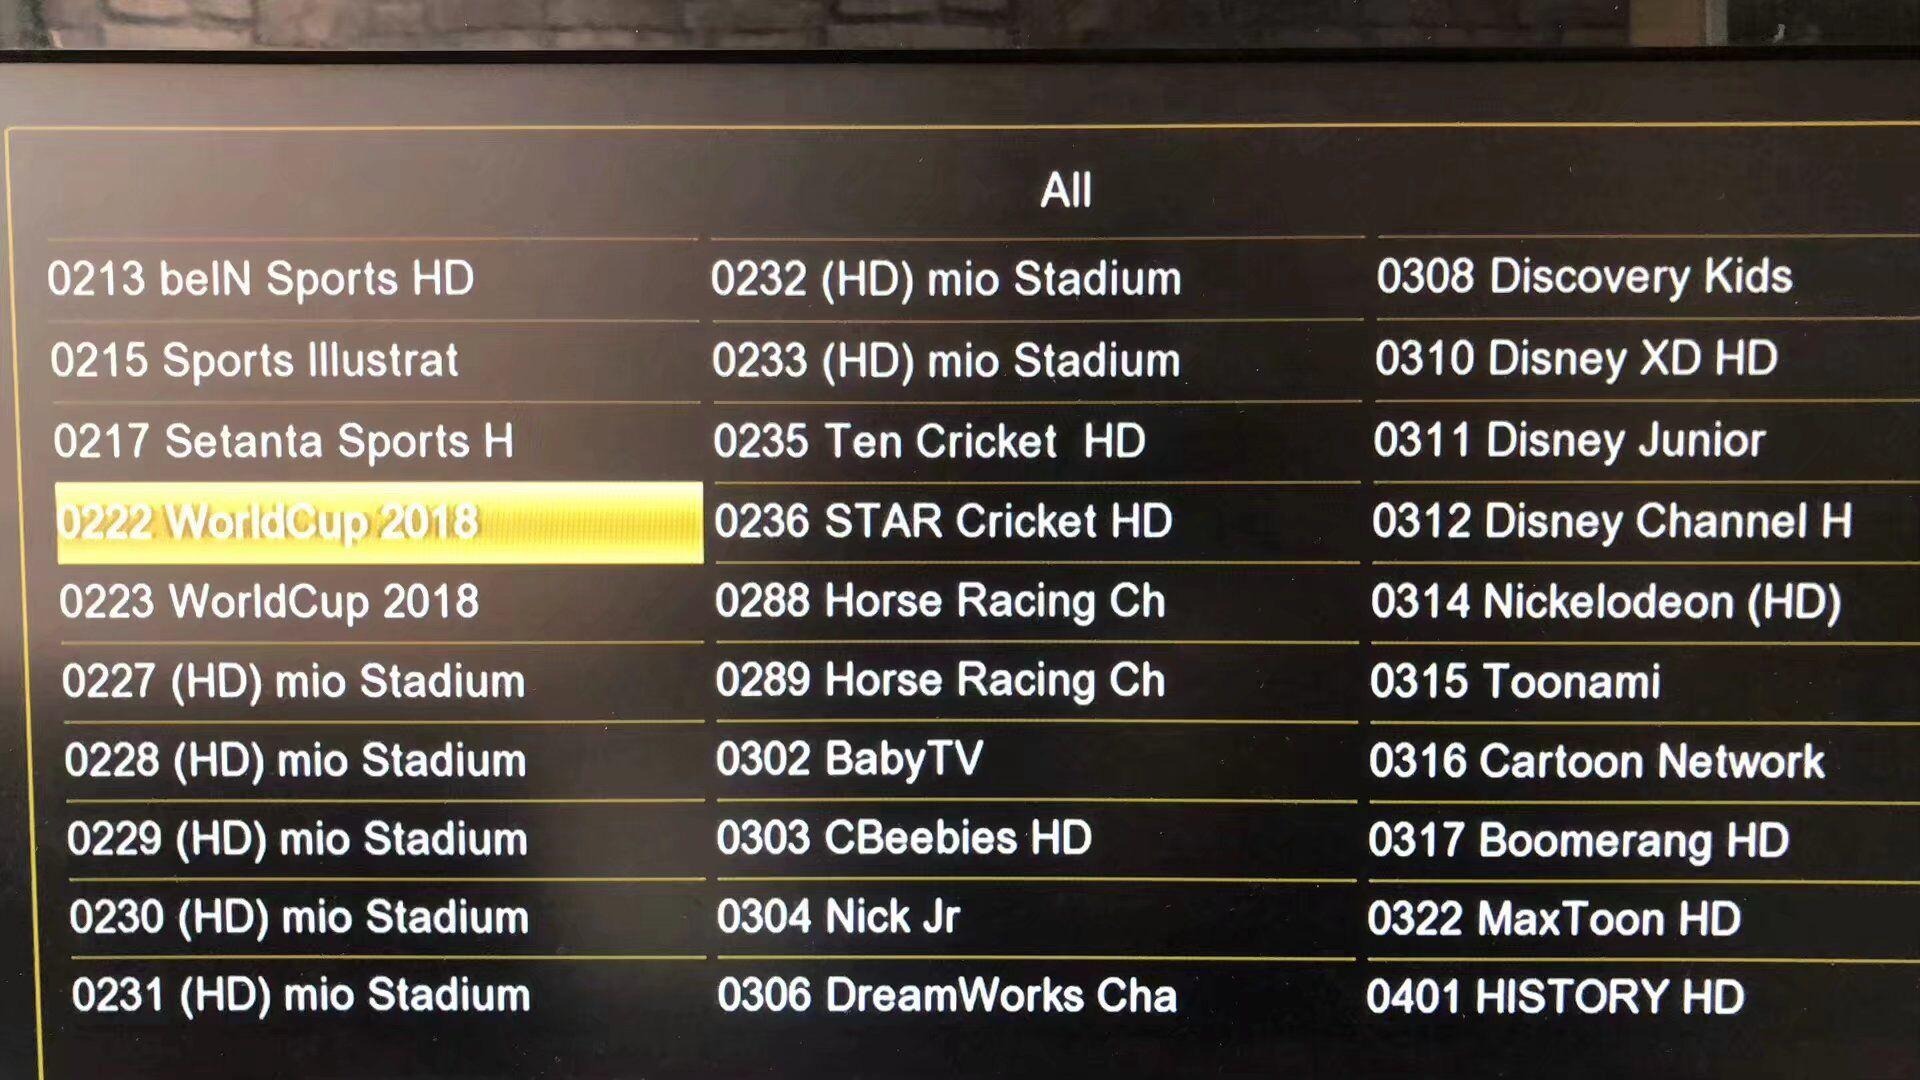 2018 Singapore V9 Pro SCV TV Box for Starhub- Watch 2018